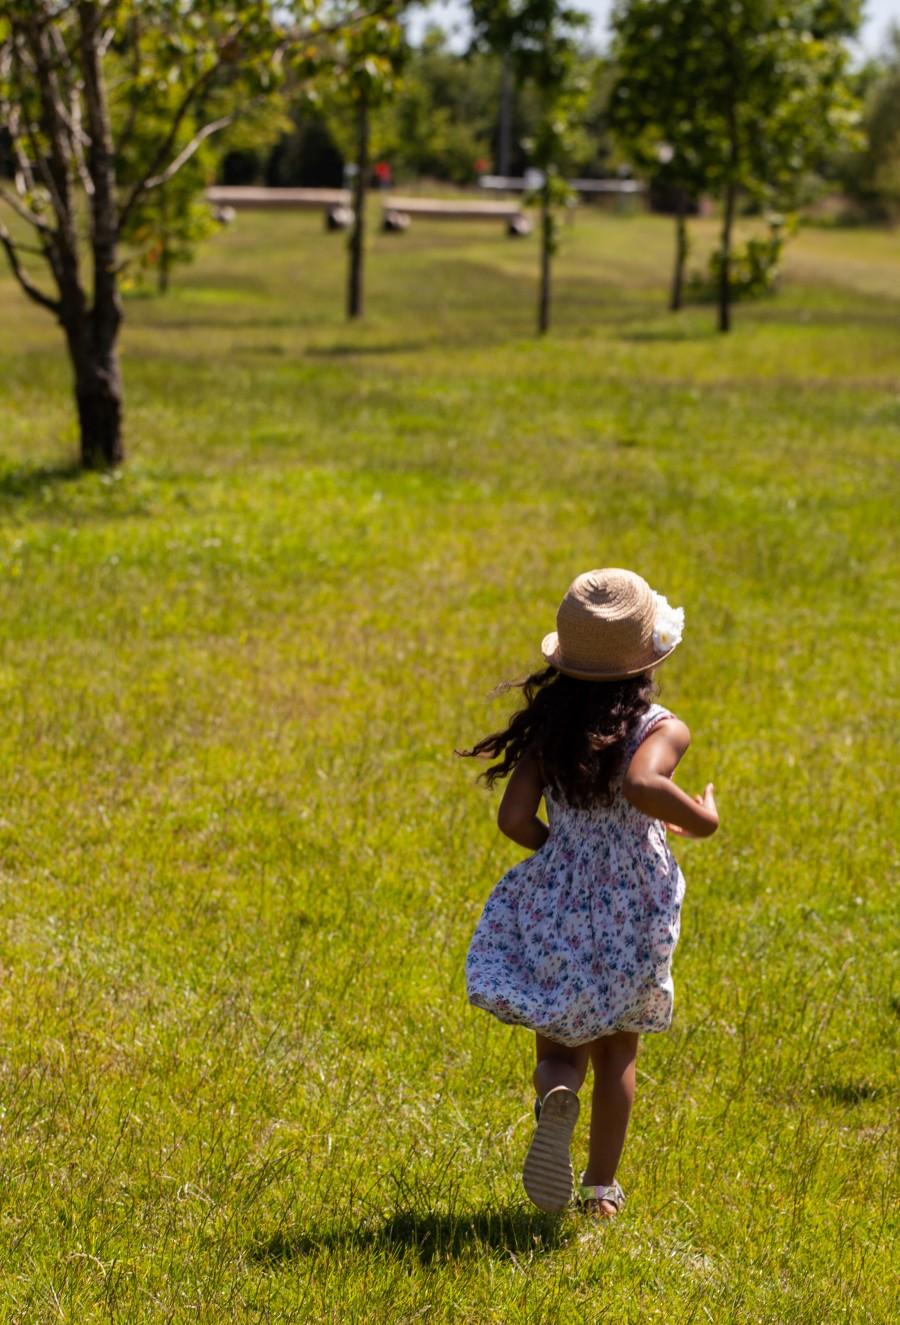 Child in hat runs on grass